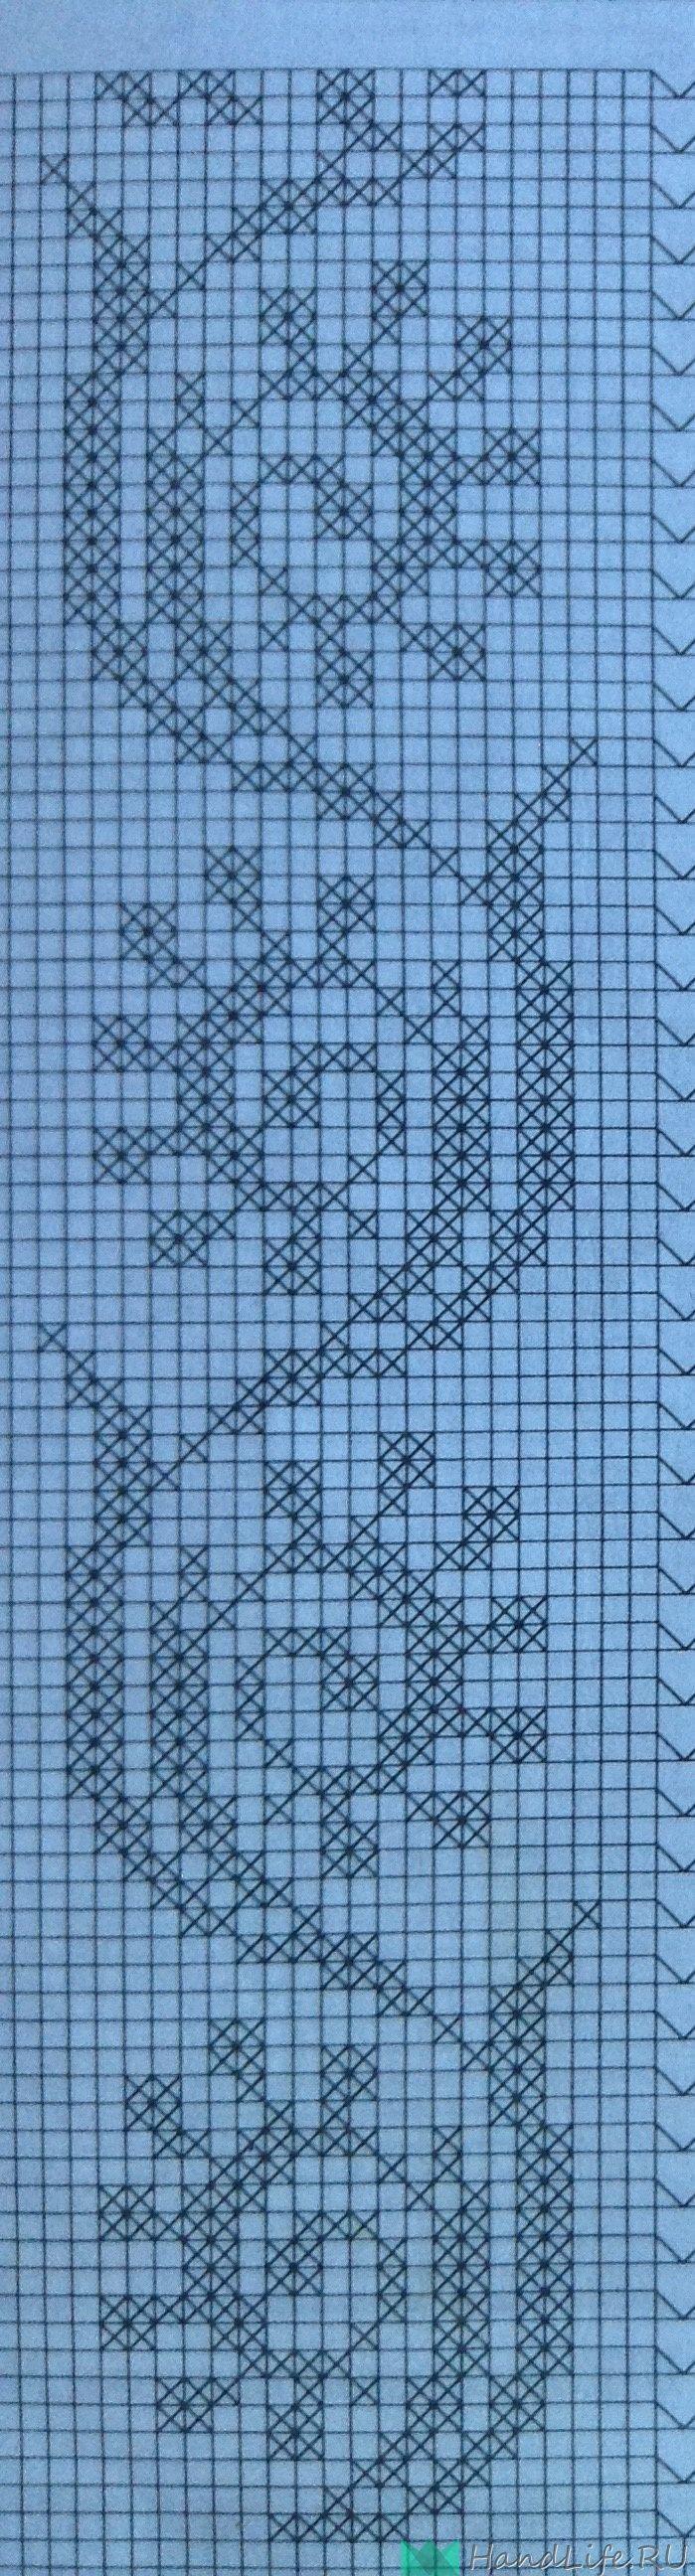 Филейный топик связан из пряжи «Успешная»Пехорка,220м/50г,100% хлопок.Крючок 1,25.Расход пряжи 250г.Размер 48-50. Схемы